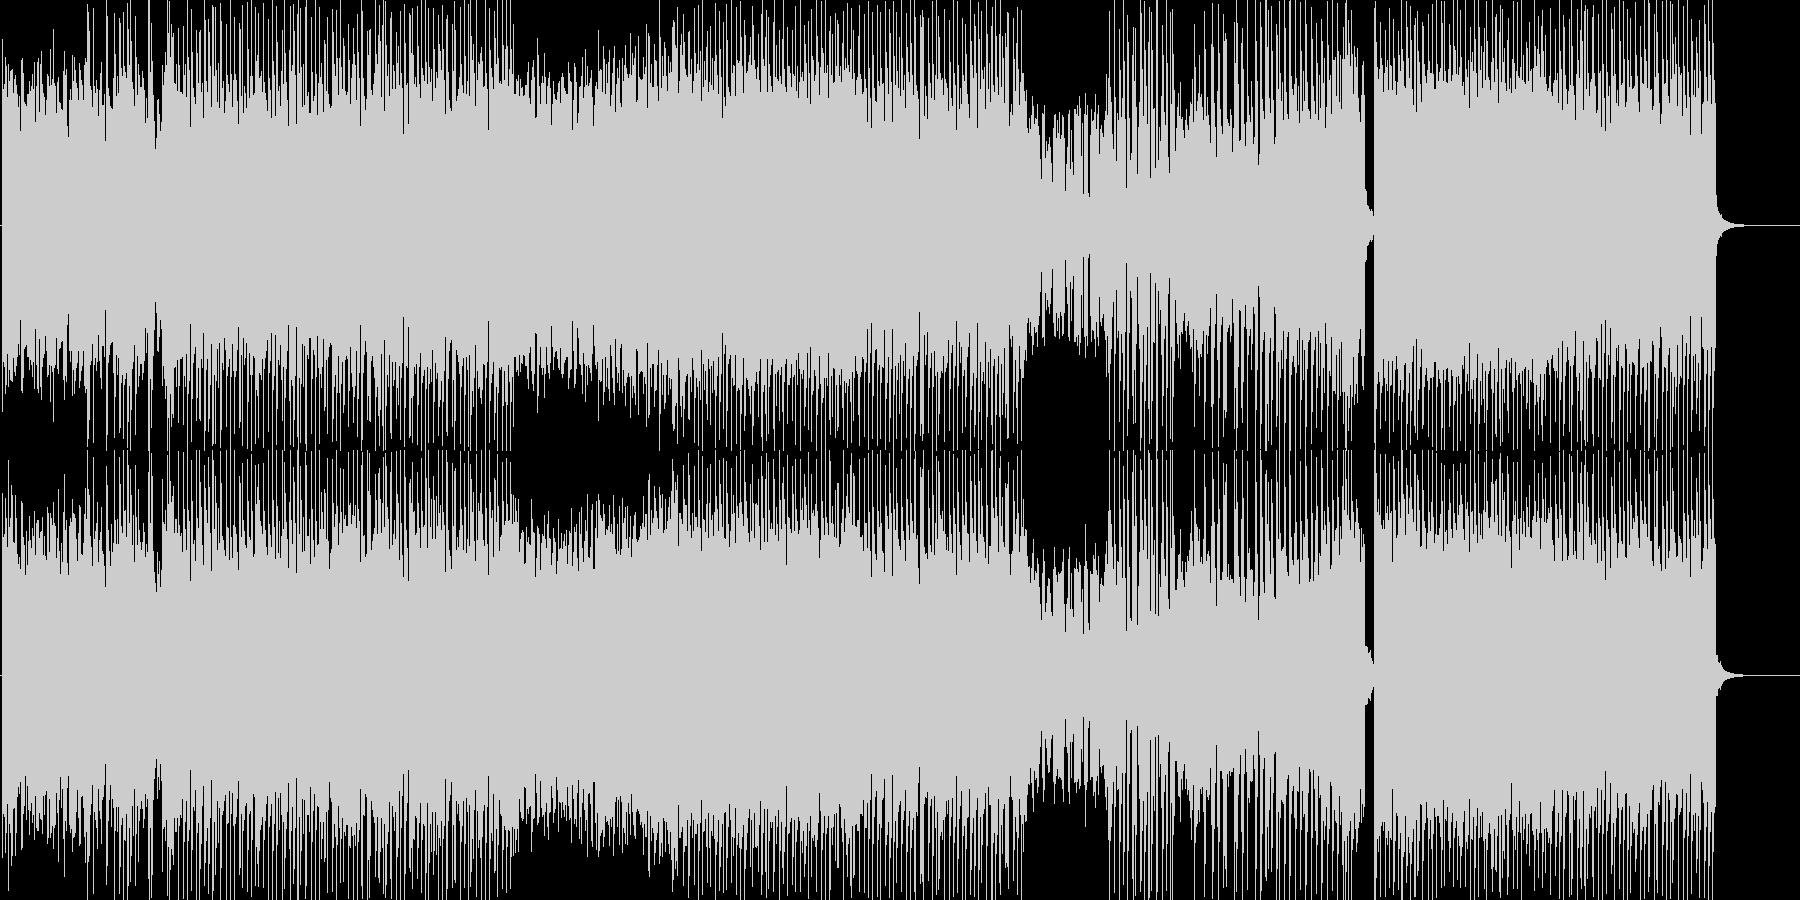 明るくて可愛い、ポップな曲の未再生の波形